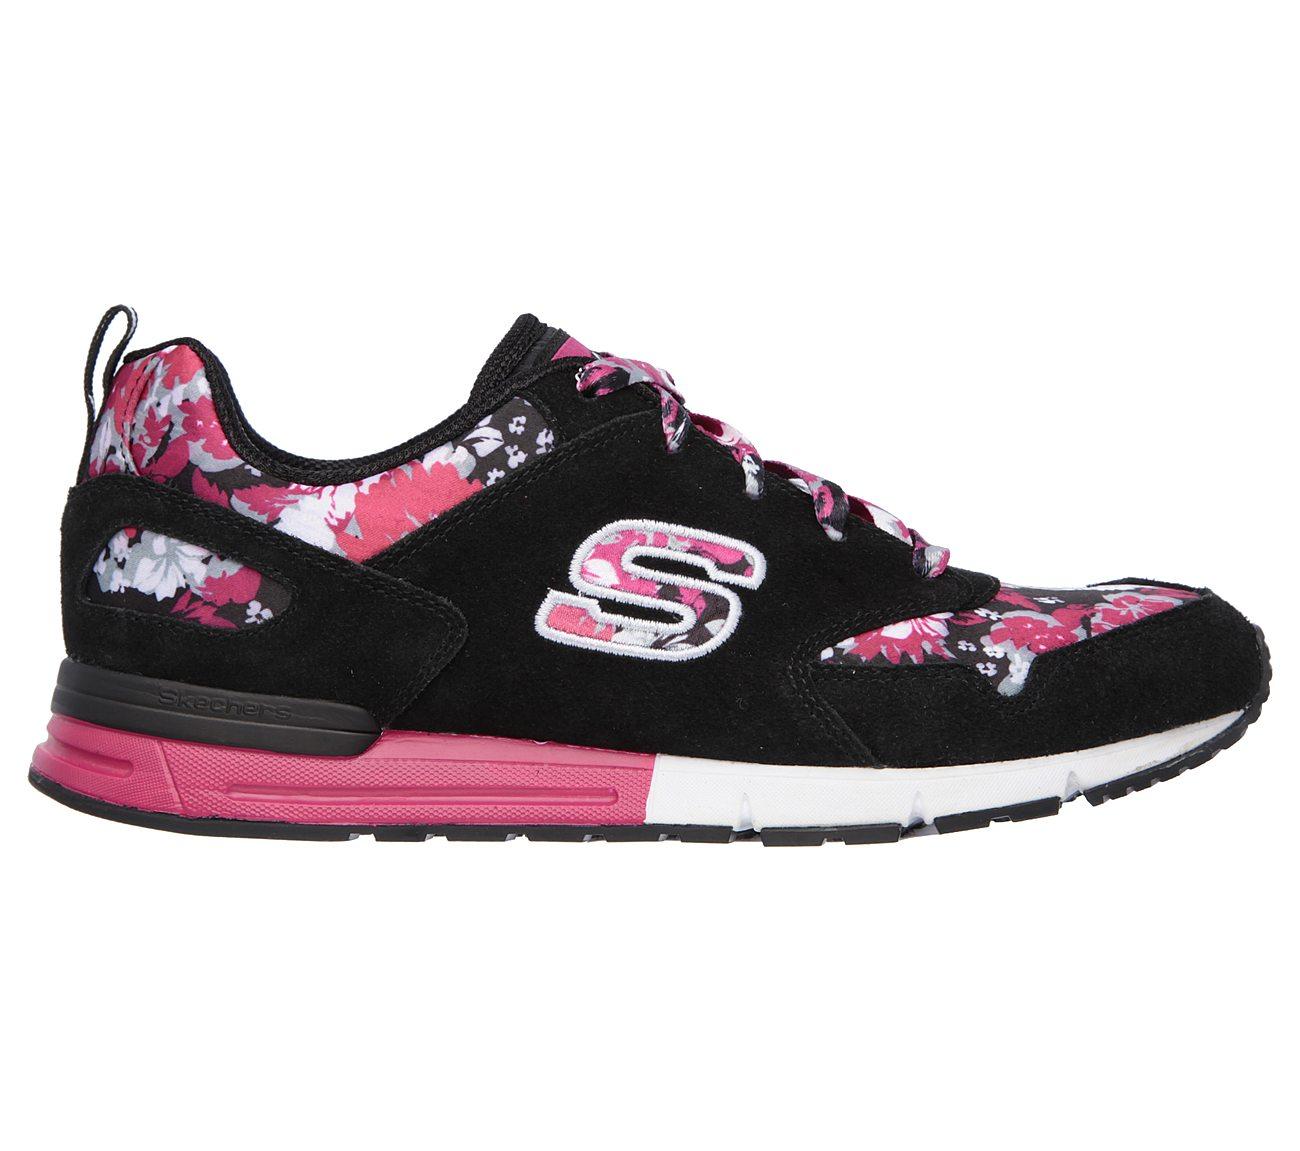 3a0476b446f0 Buy SKECHERS OG 92 - Flower Flare Originals Shoes only  70.00